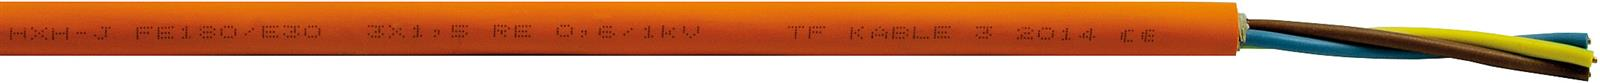 (N)HXH-J 5X2,5RE 0,6/1 KV T500